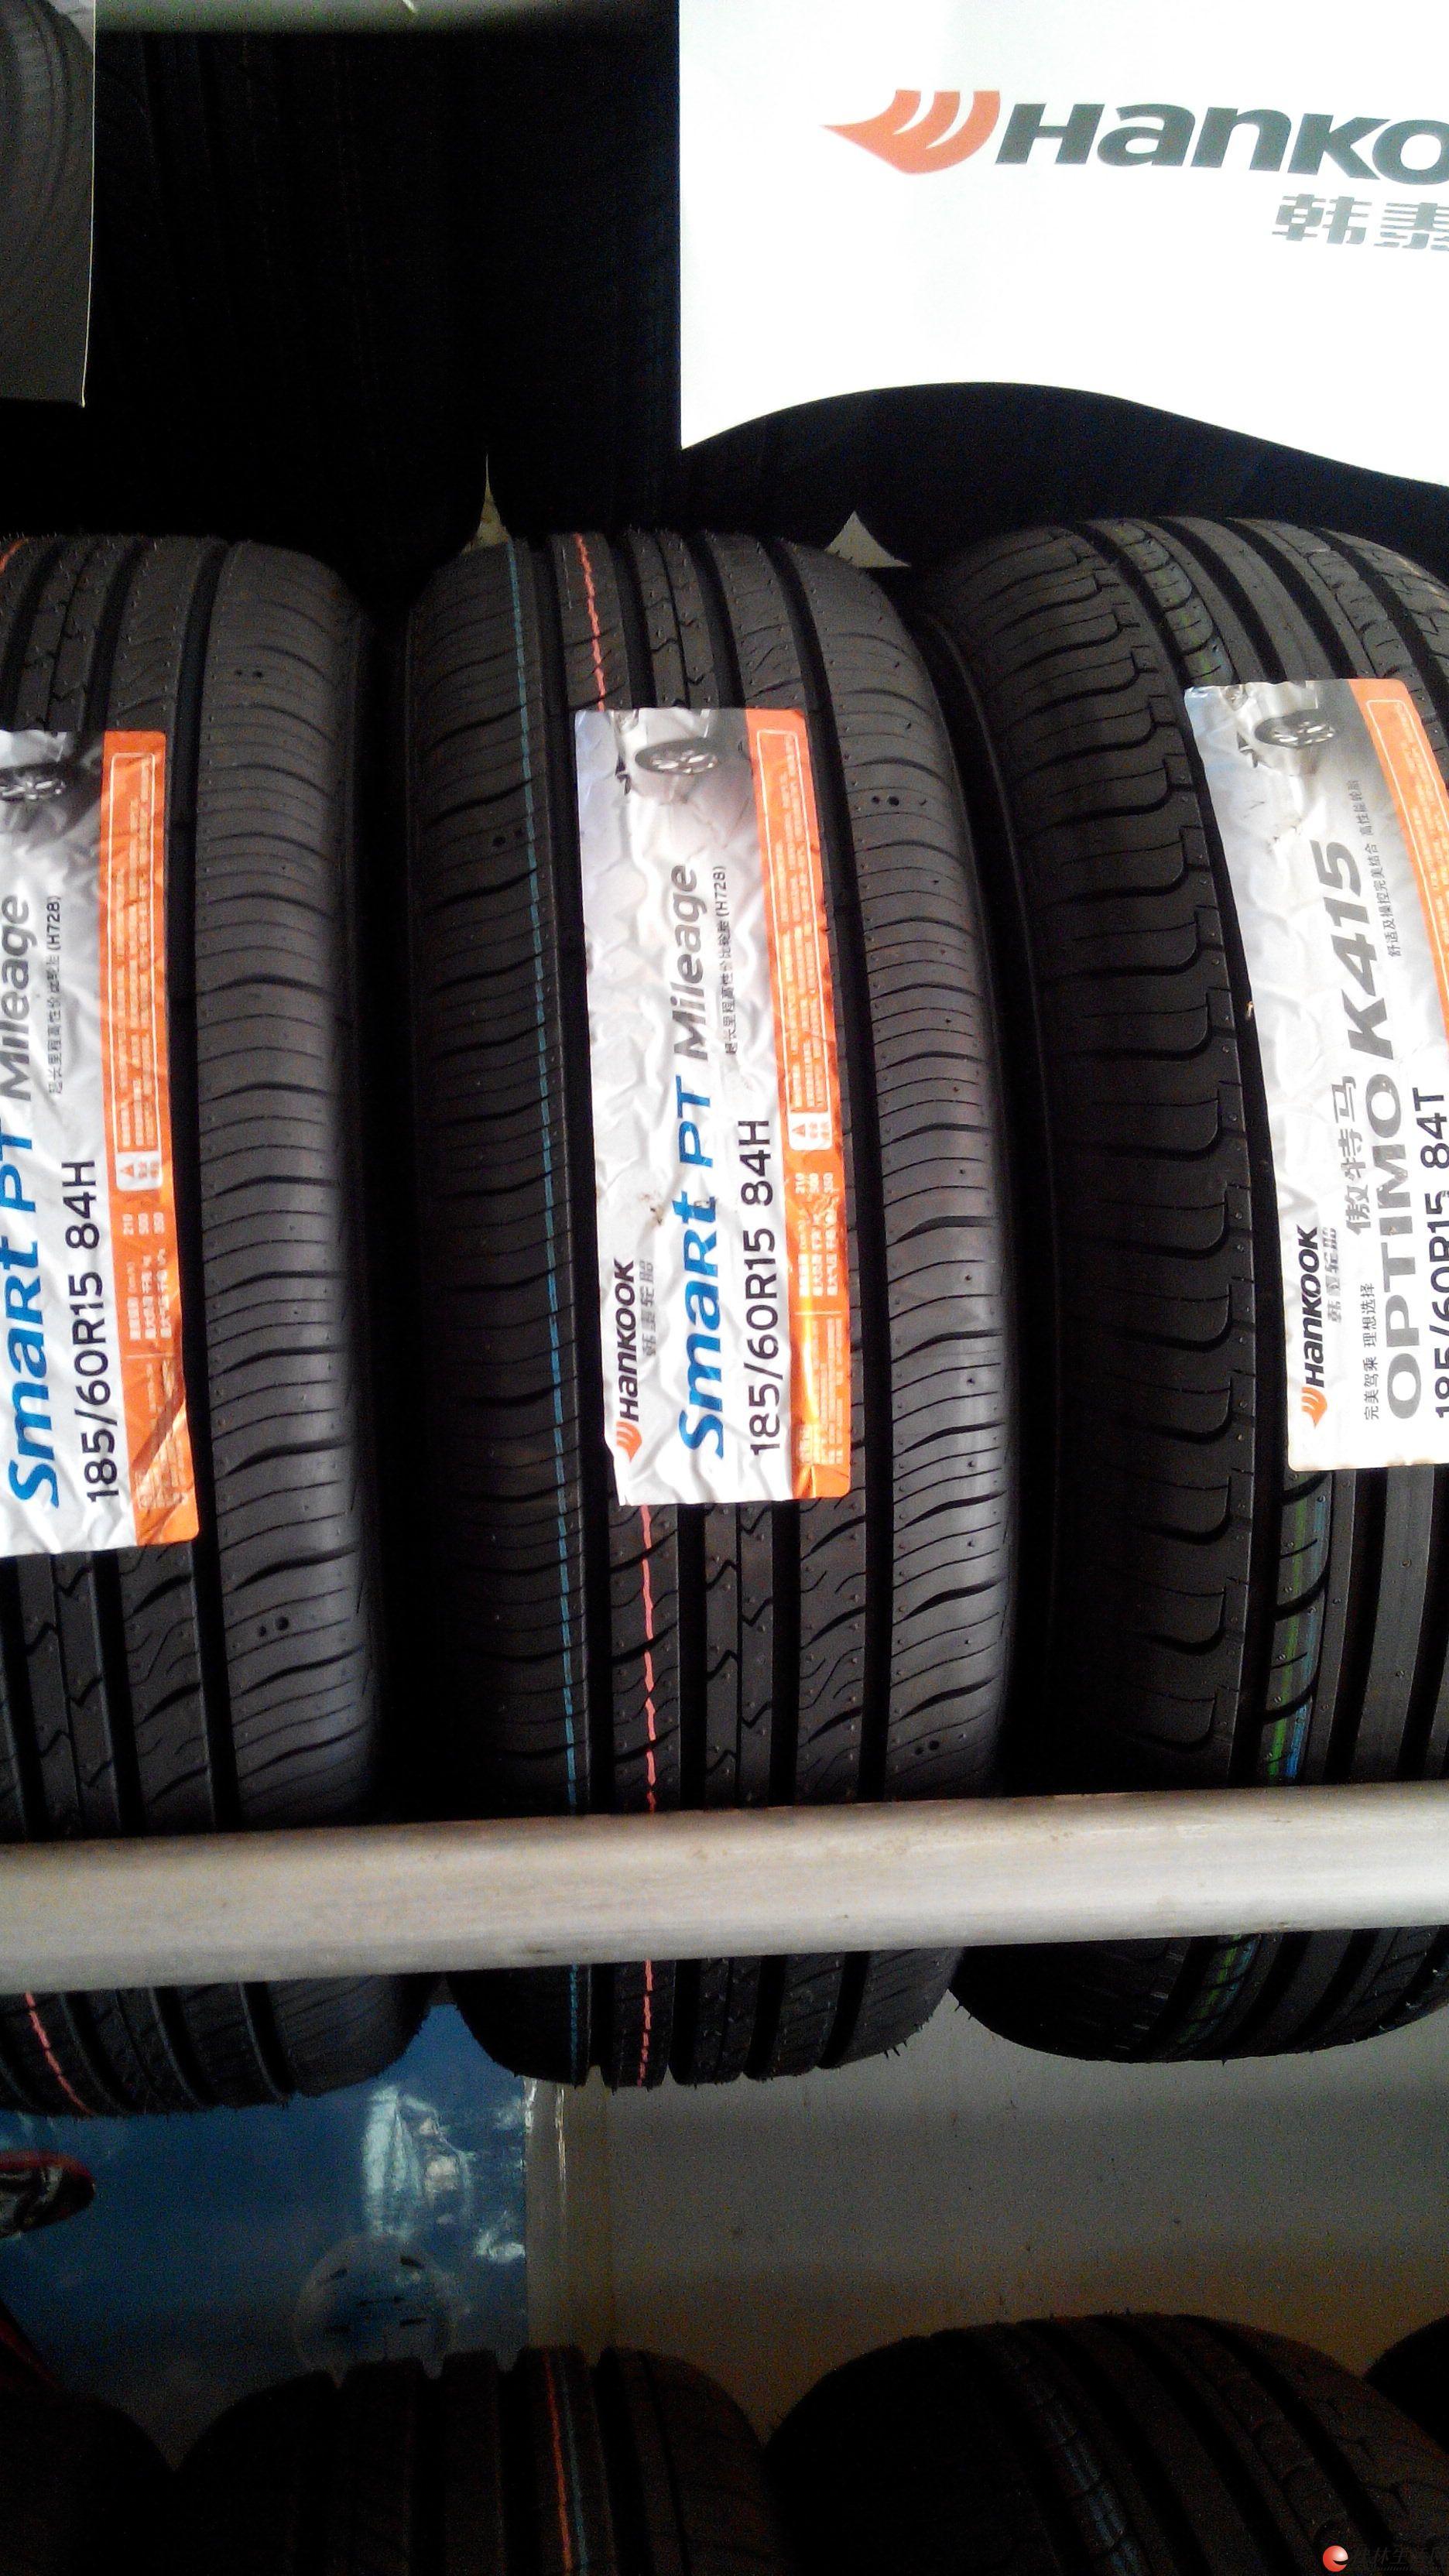 全新正品韩泰耐磨型轮胎185/60r15(h728花纹)包安装/动平衡/送气嘴